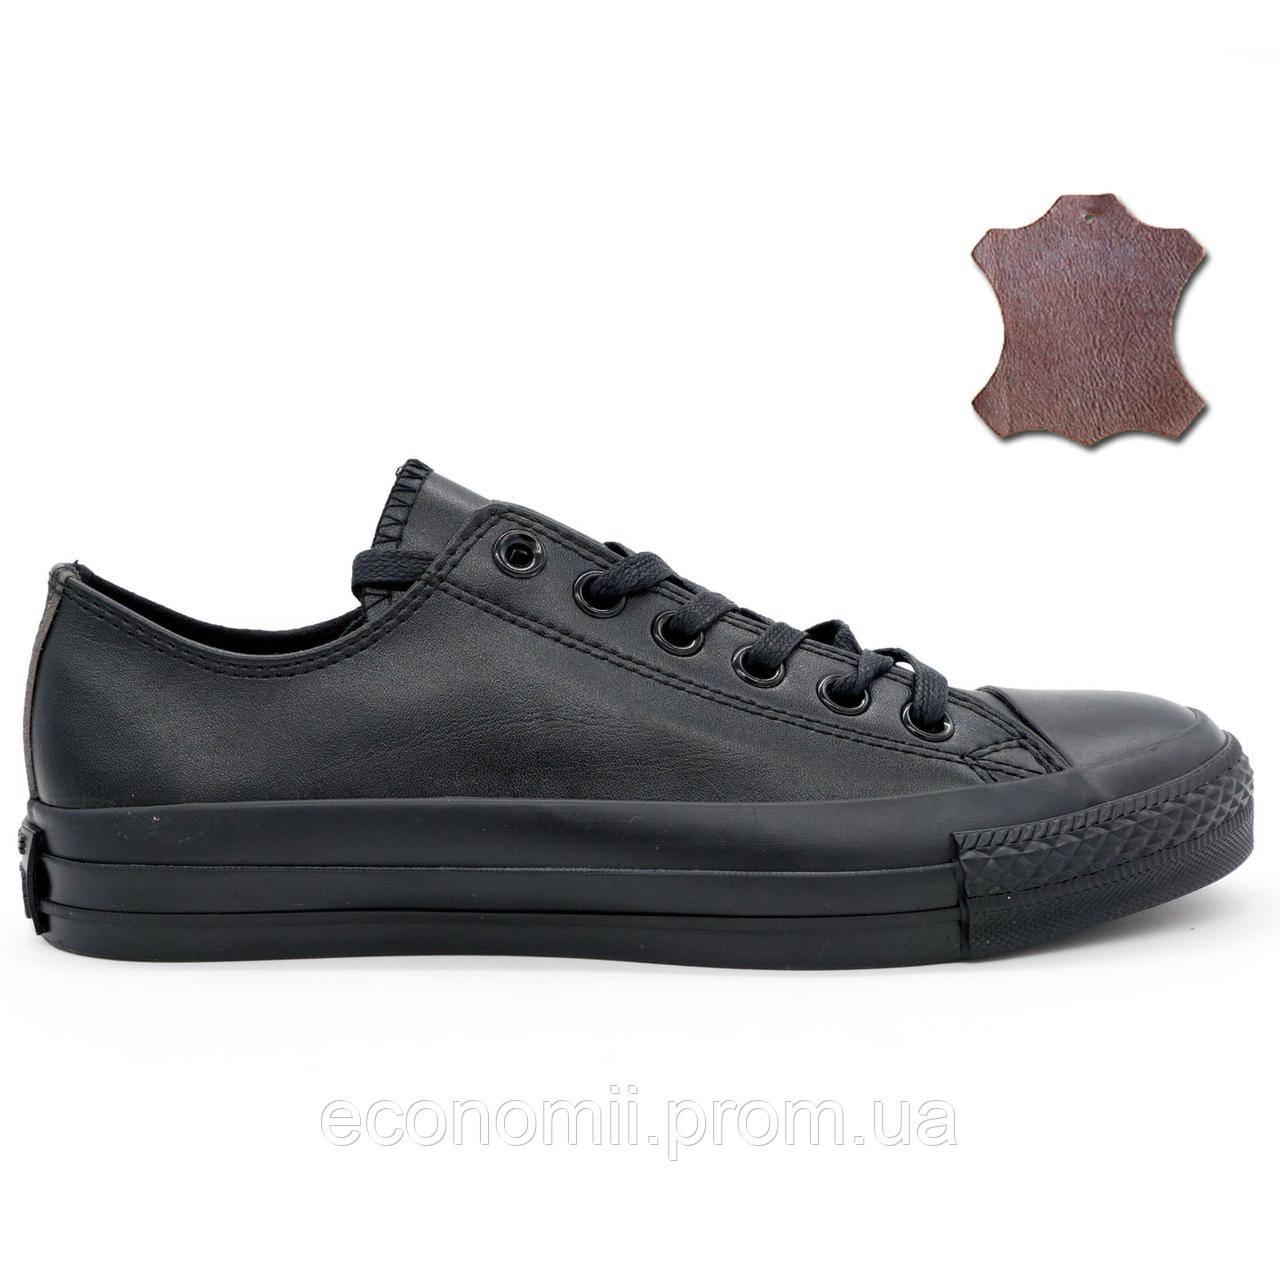 Кожаные кеды Converse (Конверс) низкие полностью черные. Топ качество! р.( 1d1bbd404621f